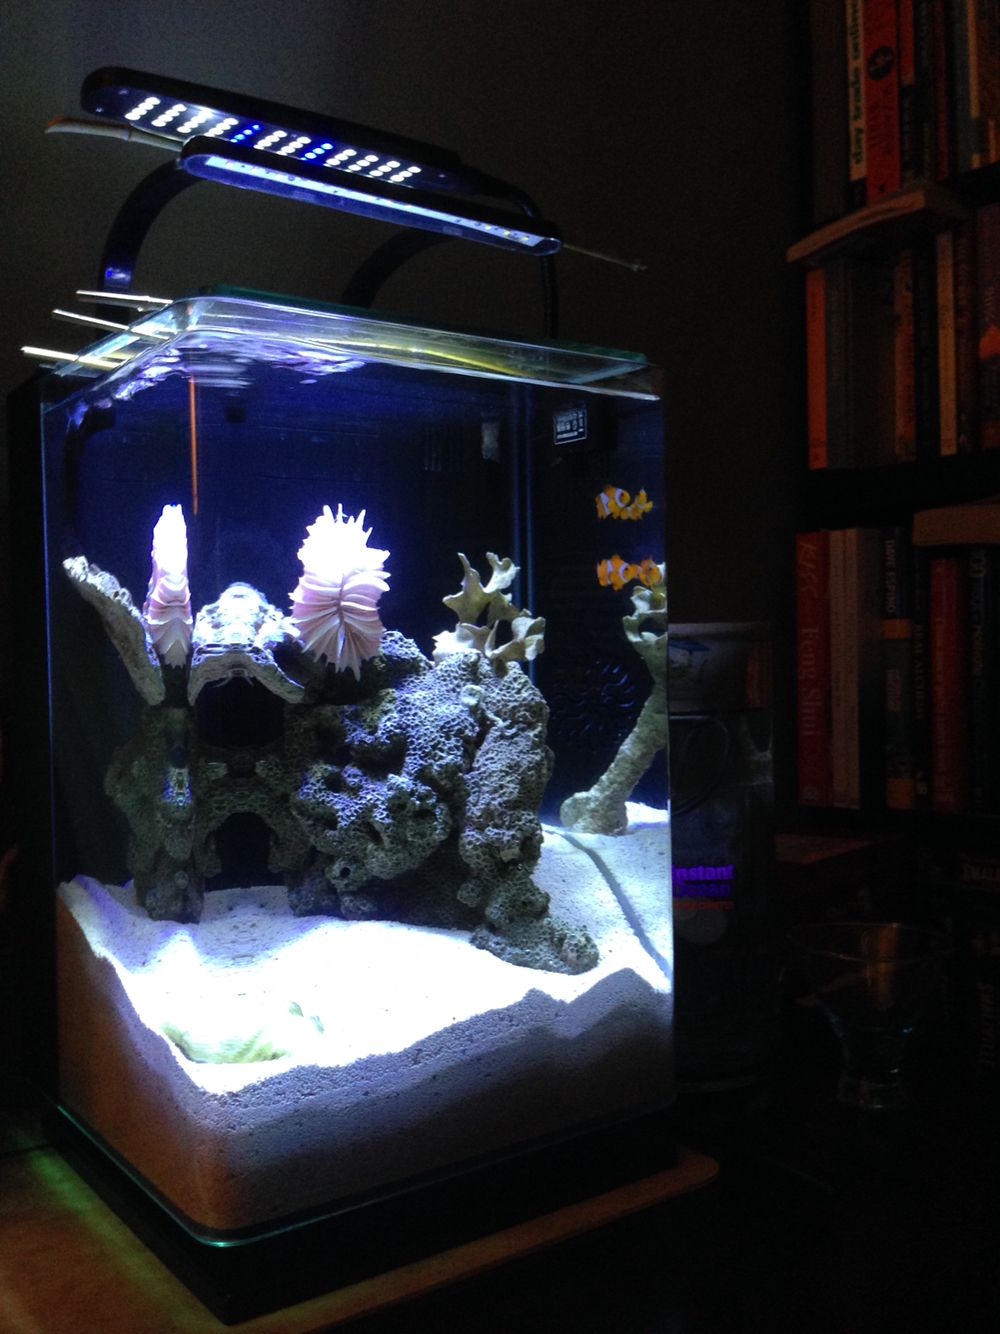 Freshwater aquarium fish ecosystem - 5 Gallons Nano Aquascapes Seascape Ecosystem Aquariums Fish Saltwater